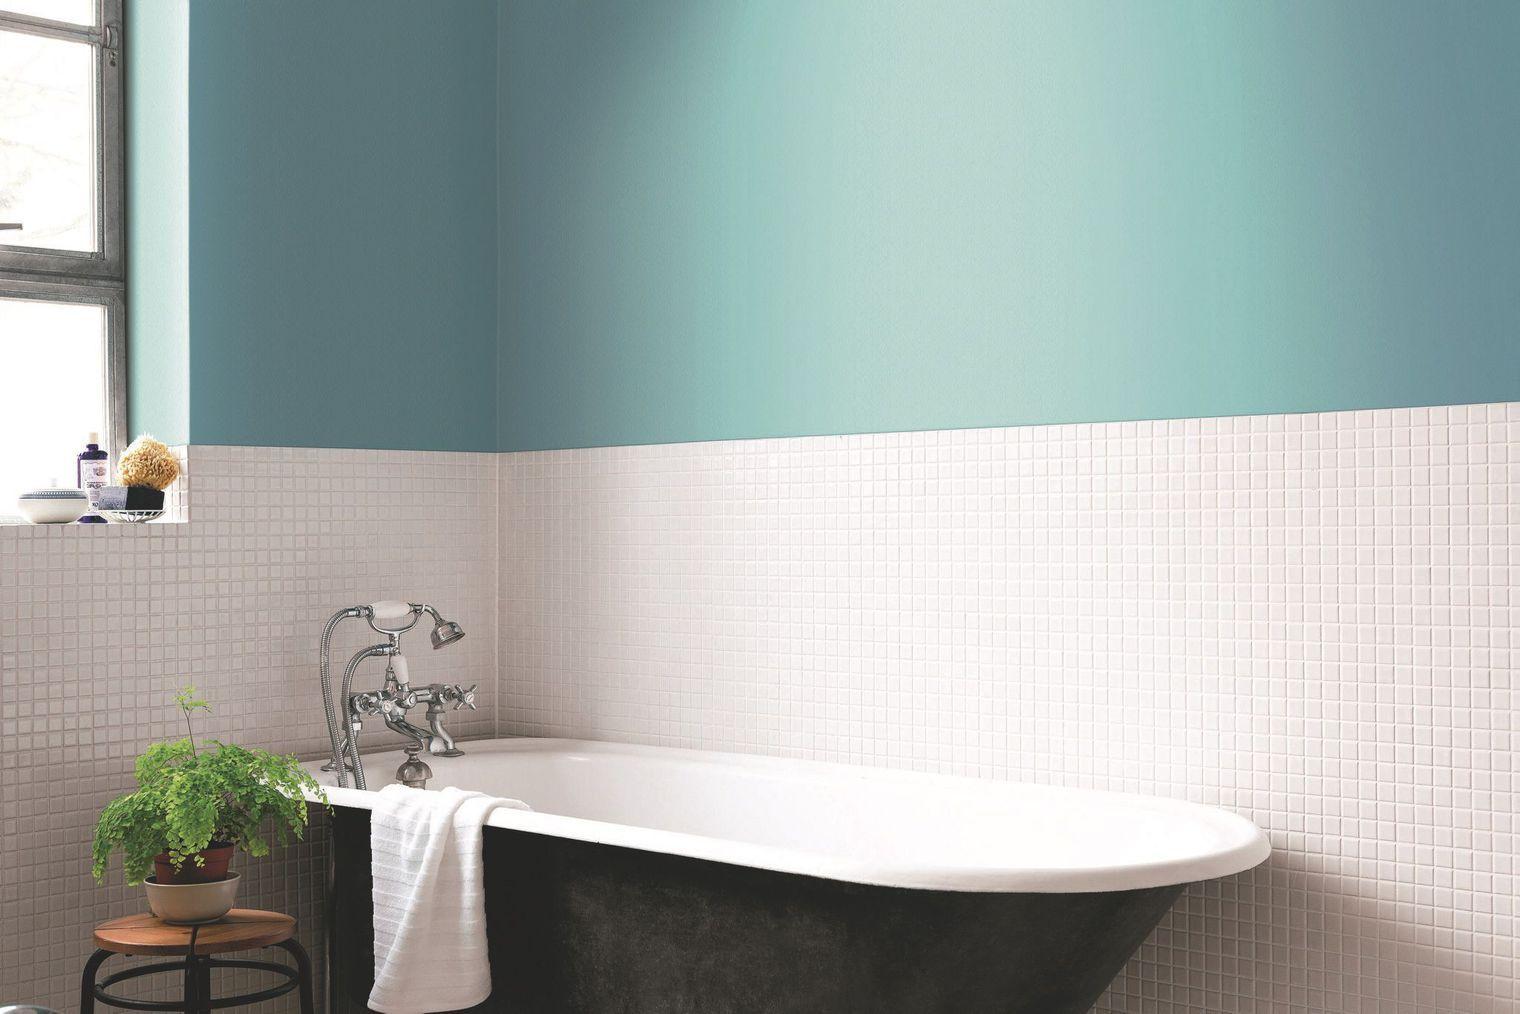 Peinture salle de bains : couleur à éviter | La peinture bleue ...